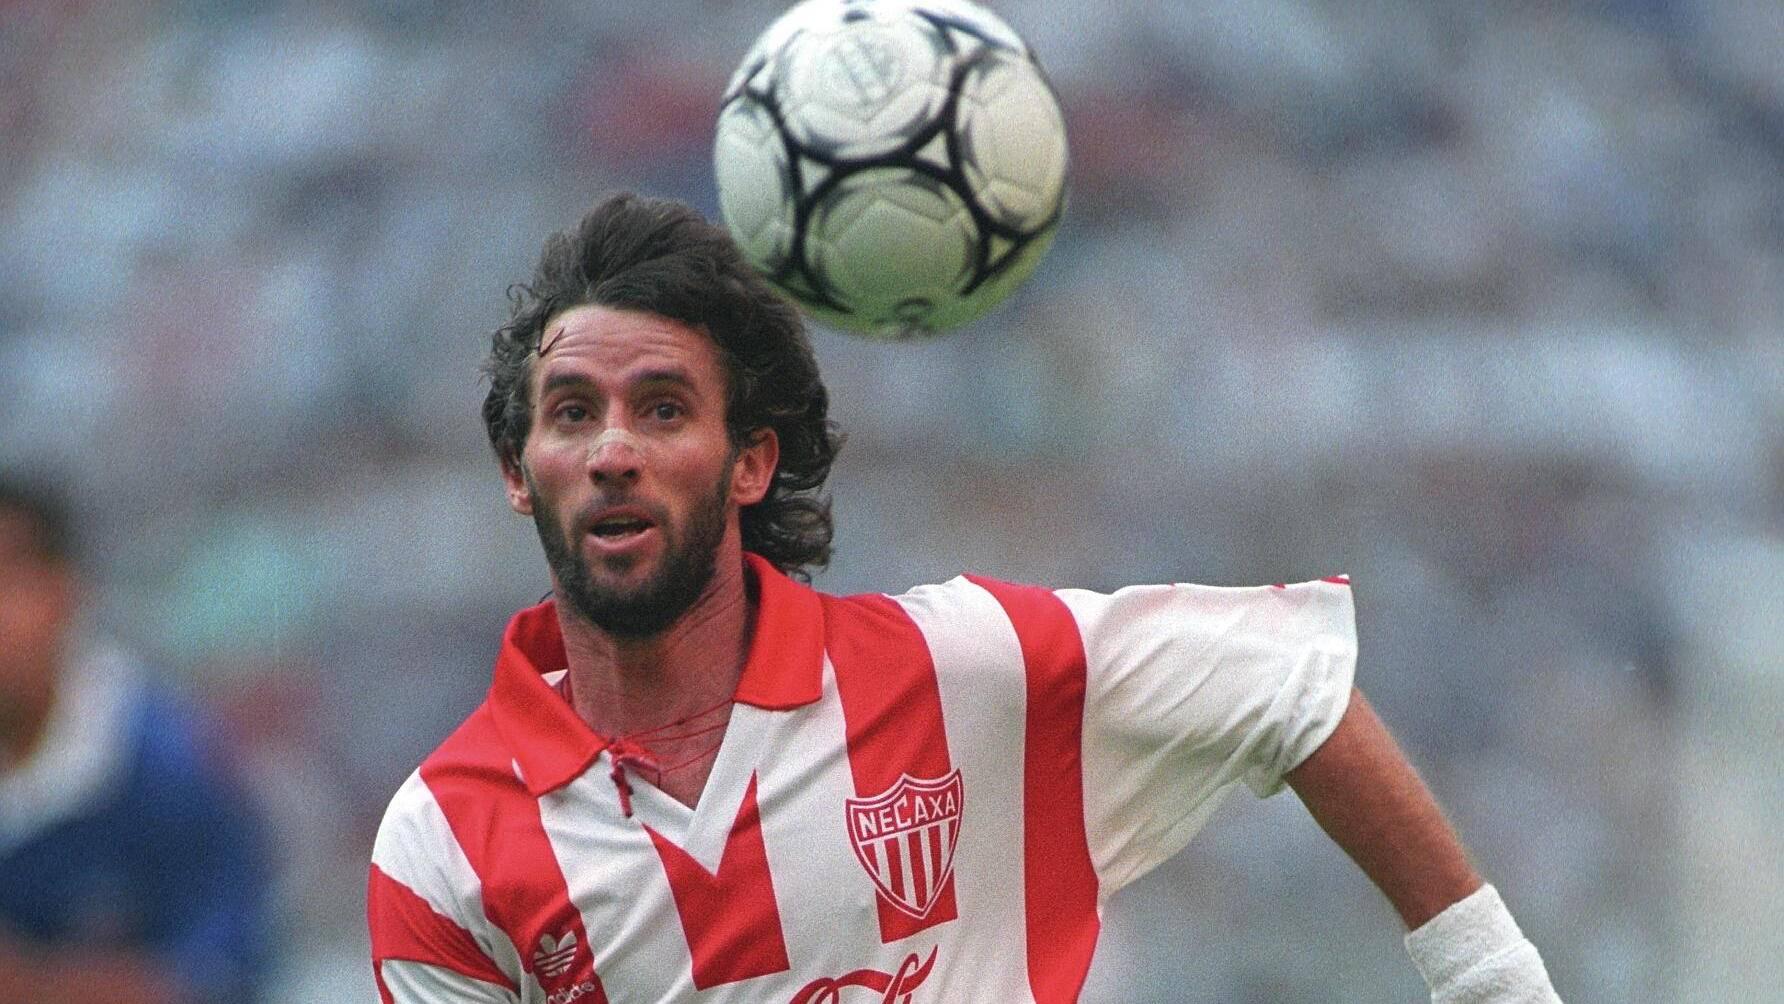 Ivo Basay Se convirtió uno de los máximos goleadores dentro del Club junto a Pelaez, marcando 101 goles, dejando un legado en el equipo Ivo Basay. / Mexport